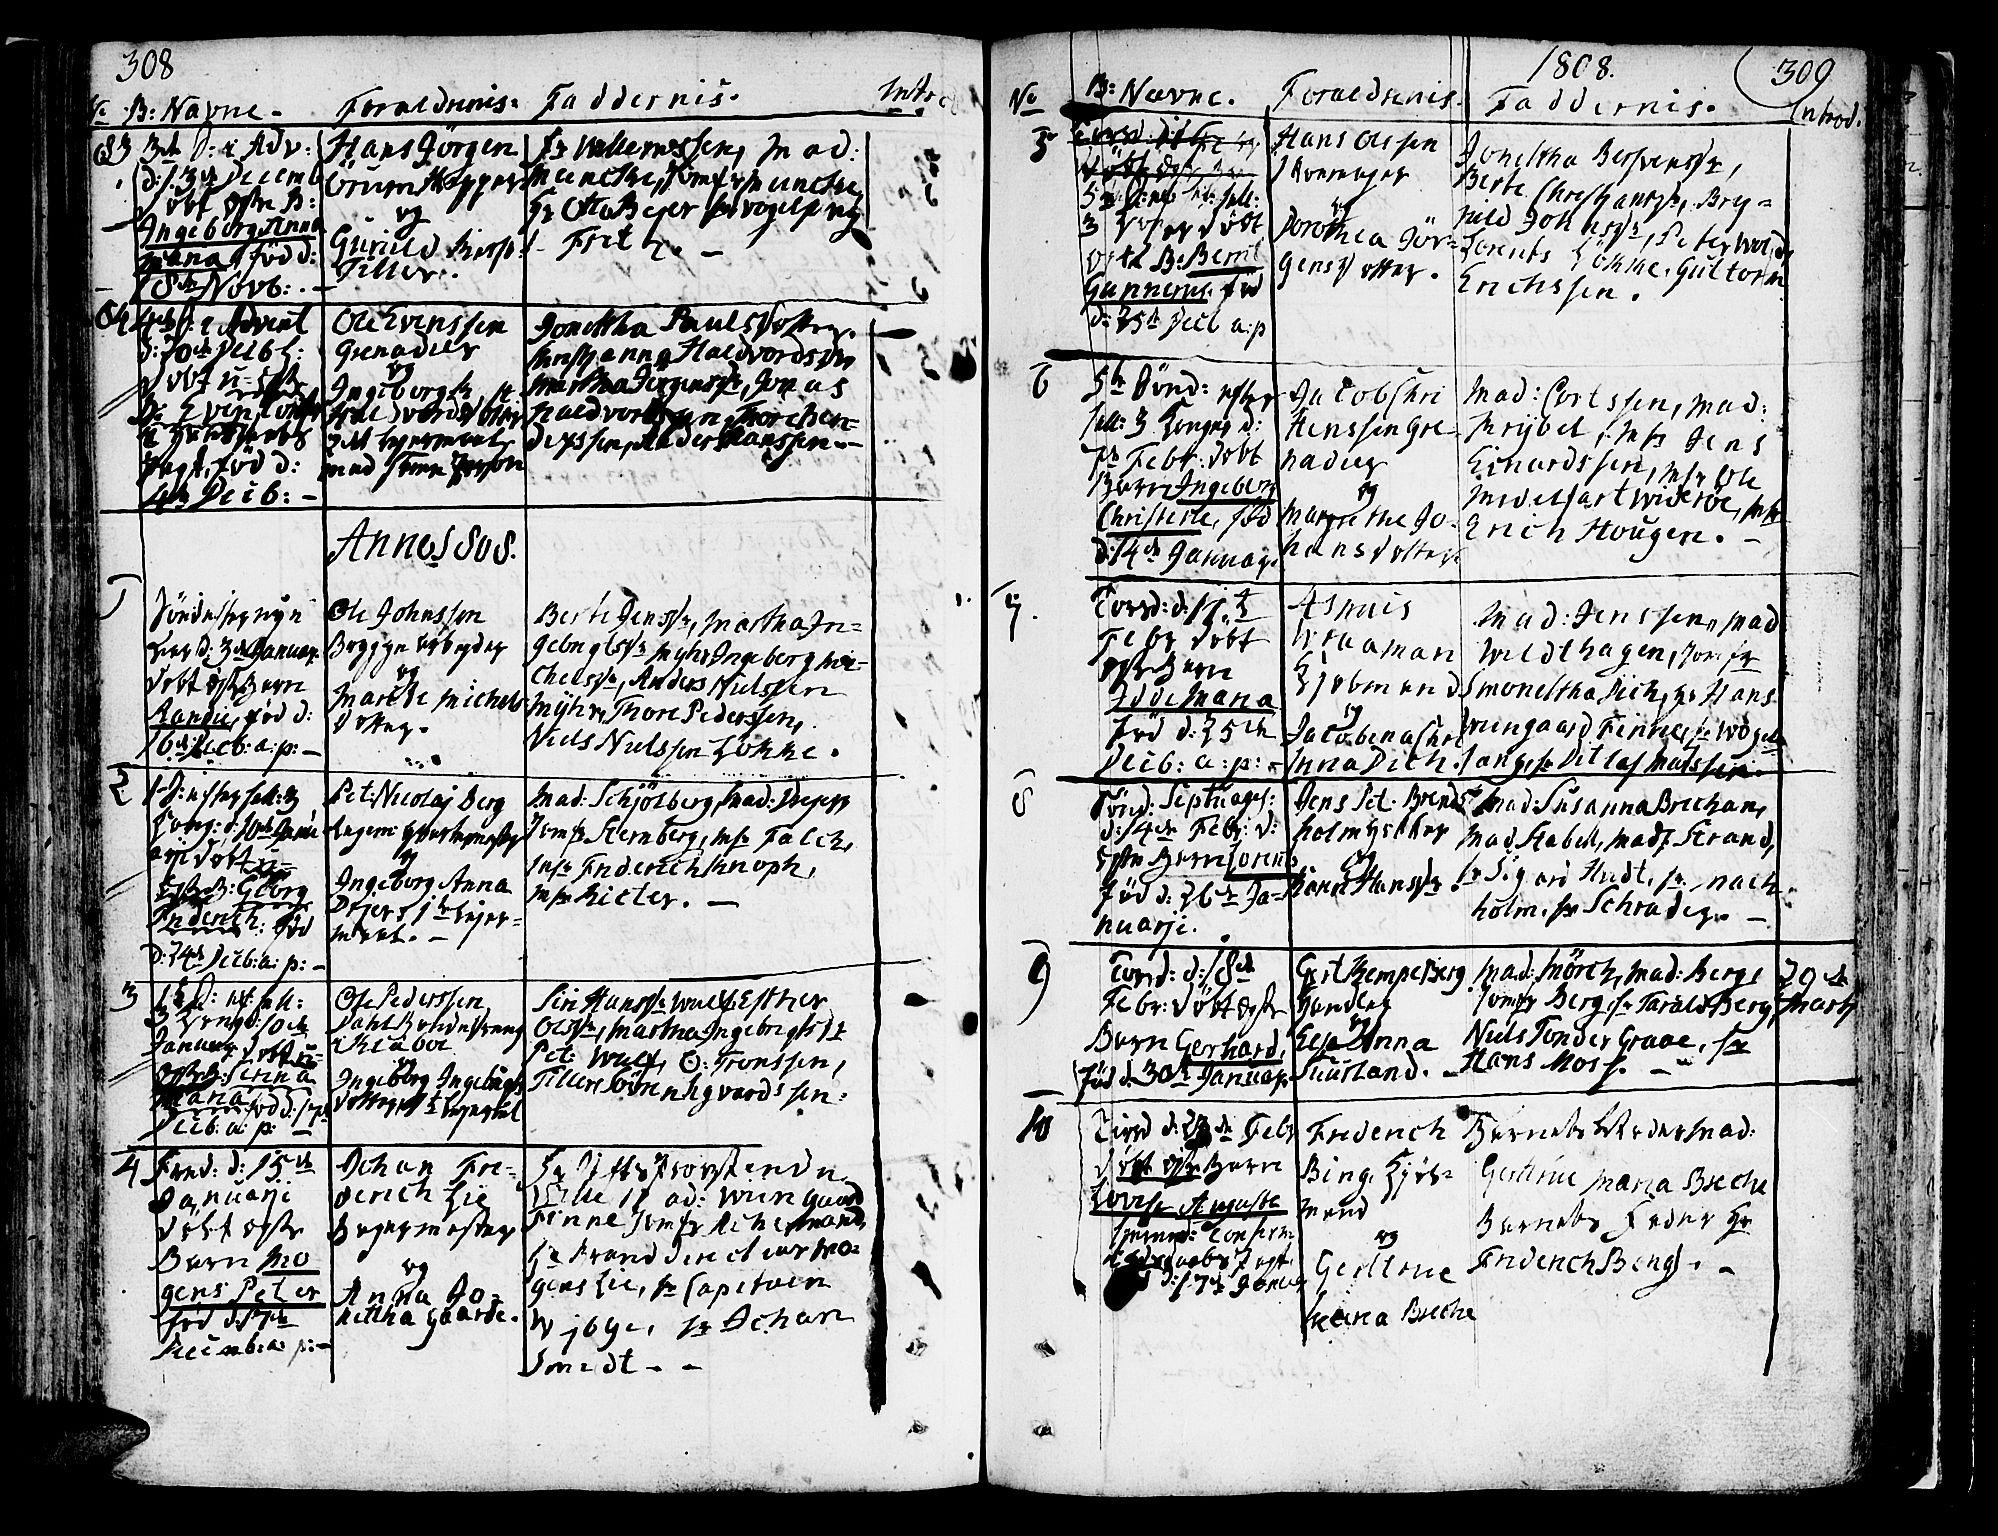 SAT, Ministerialprotokoller, klokkerbøker og fødselsregistre - Sør-Trøndelag, 602/L0104: Ministerialbok nr. 602A02, 1774-1814, s. 308-309